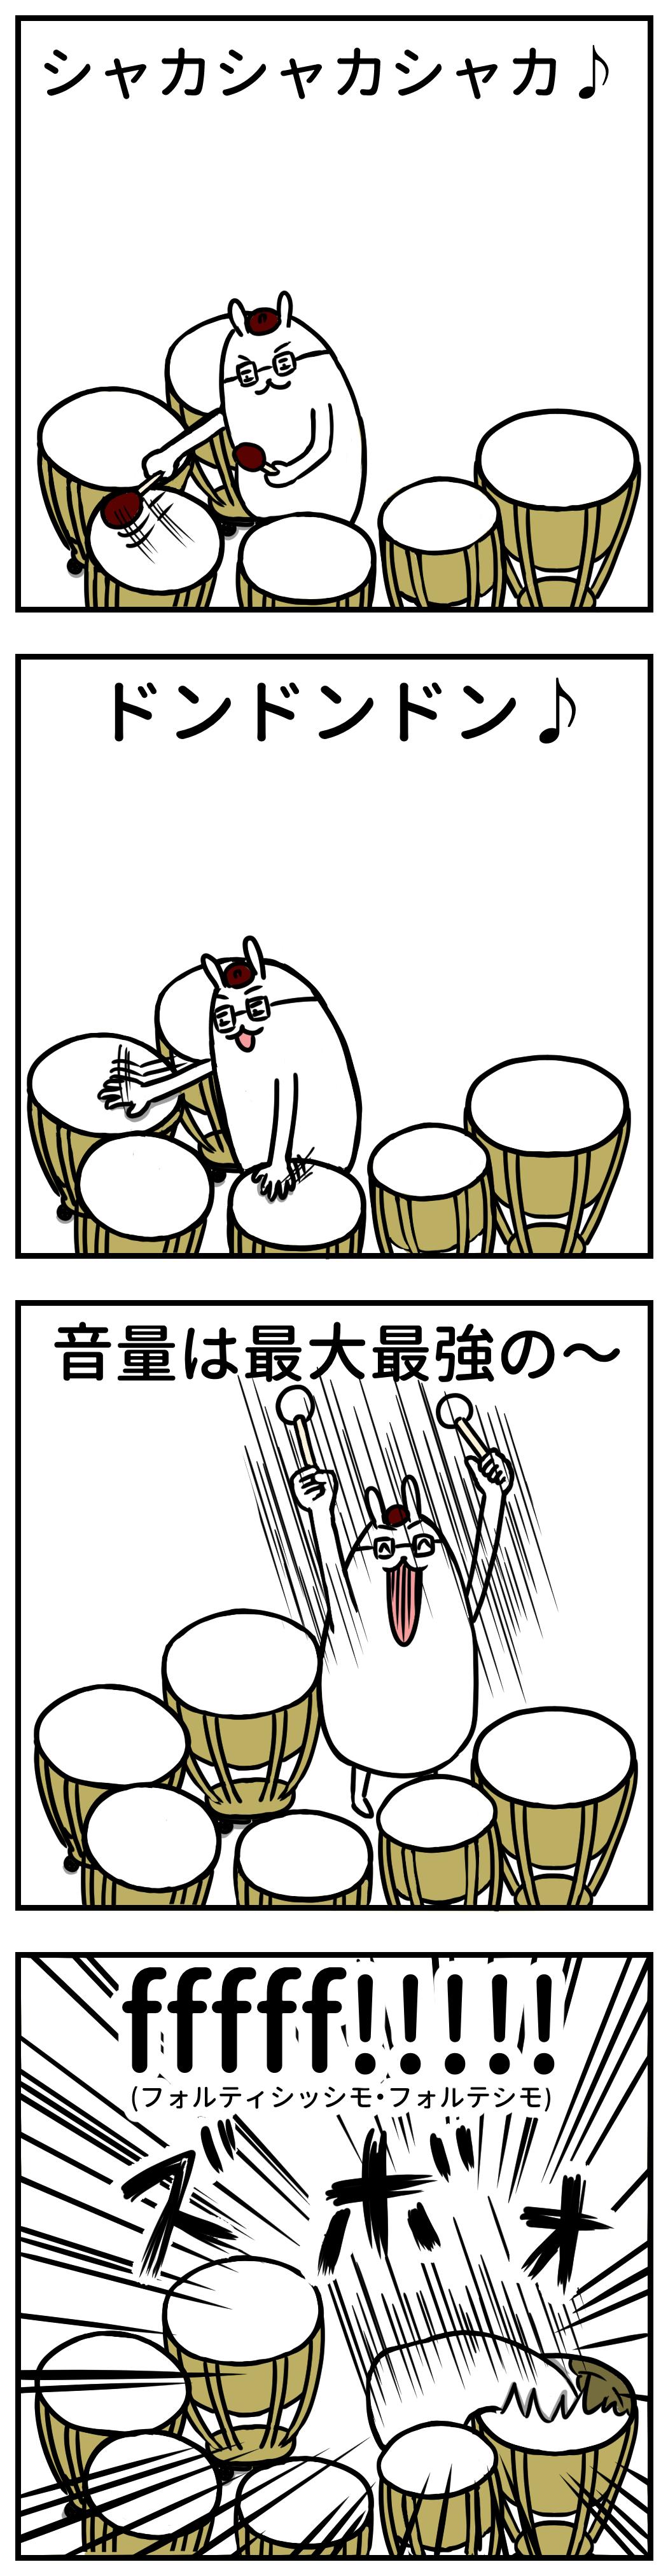 ティンパニ 頭突っ込む オーケストラ 曲